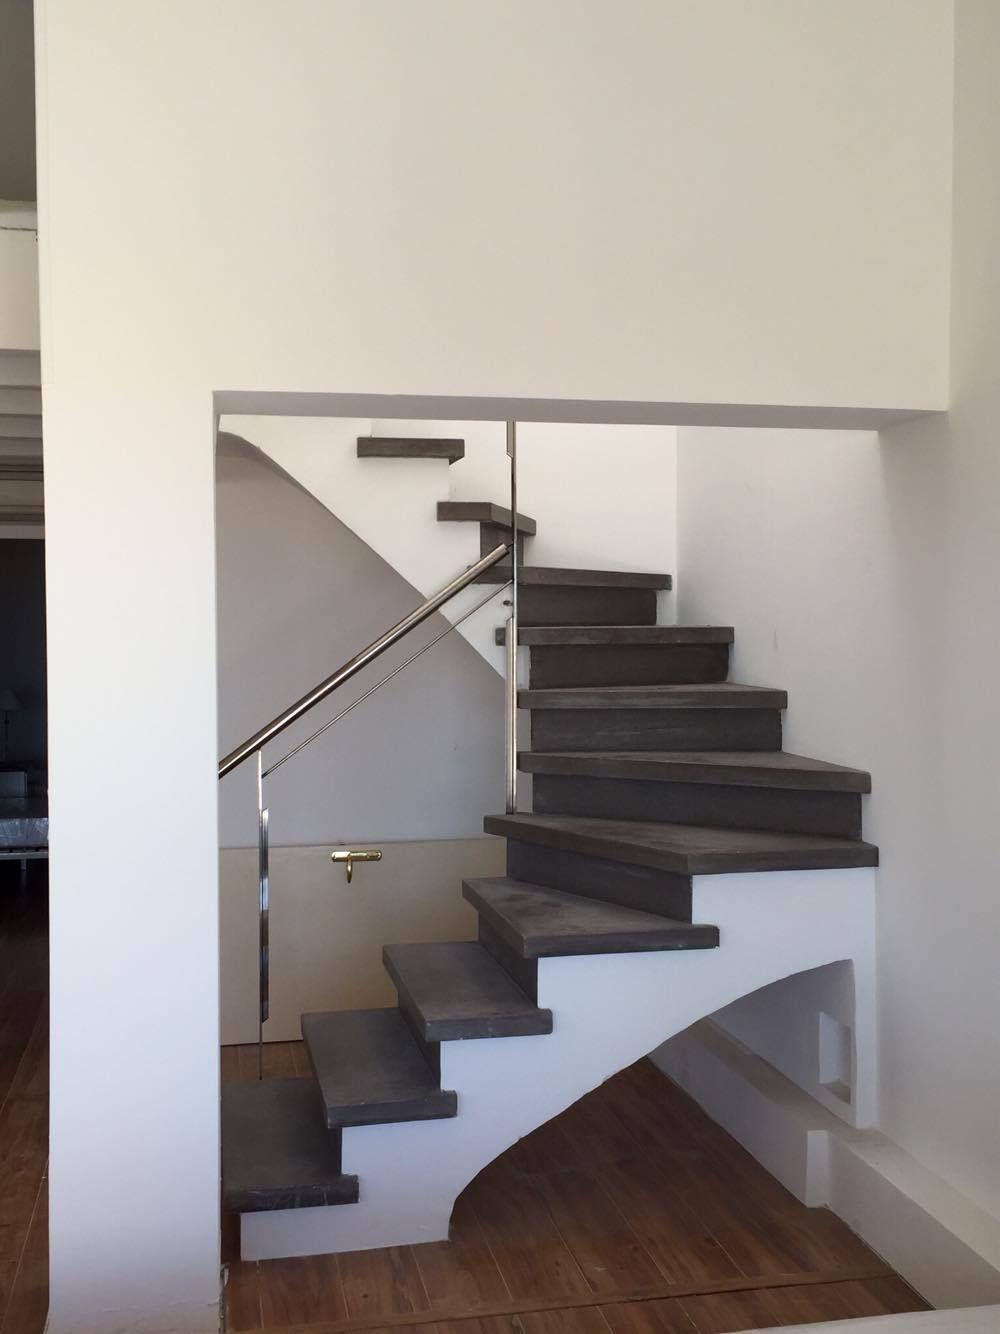 revtement escalier intrieur top maison avec toboggan en. Black Bedroom Furniture Sets. Home Design Ideas